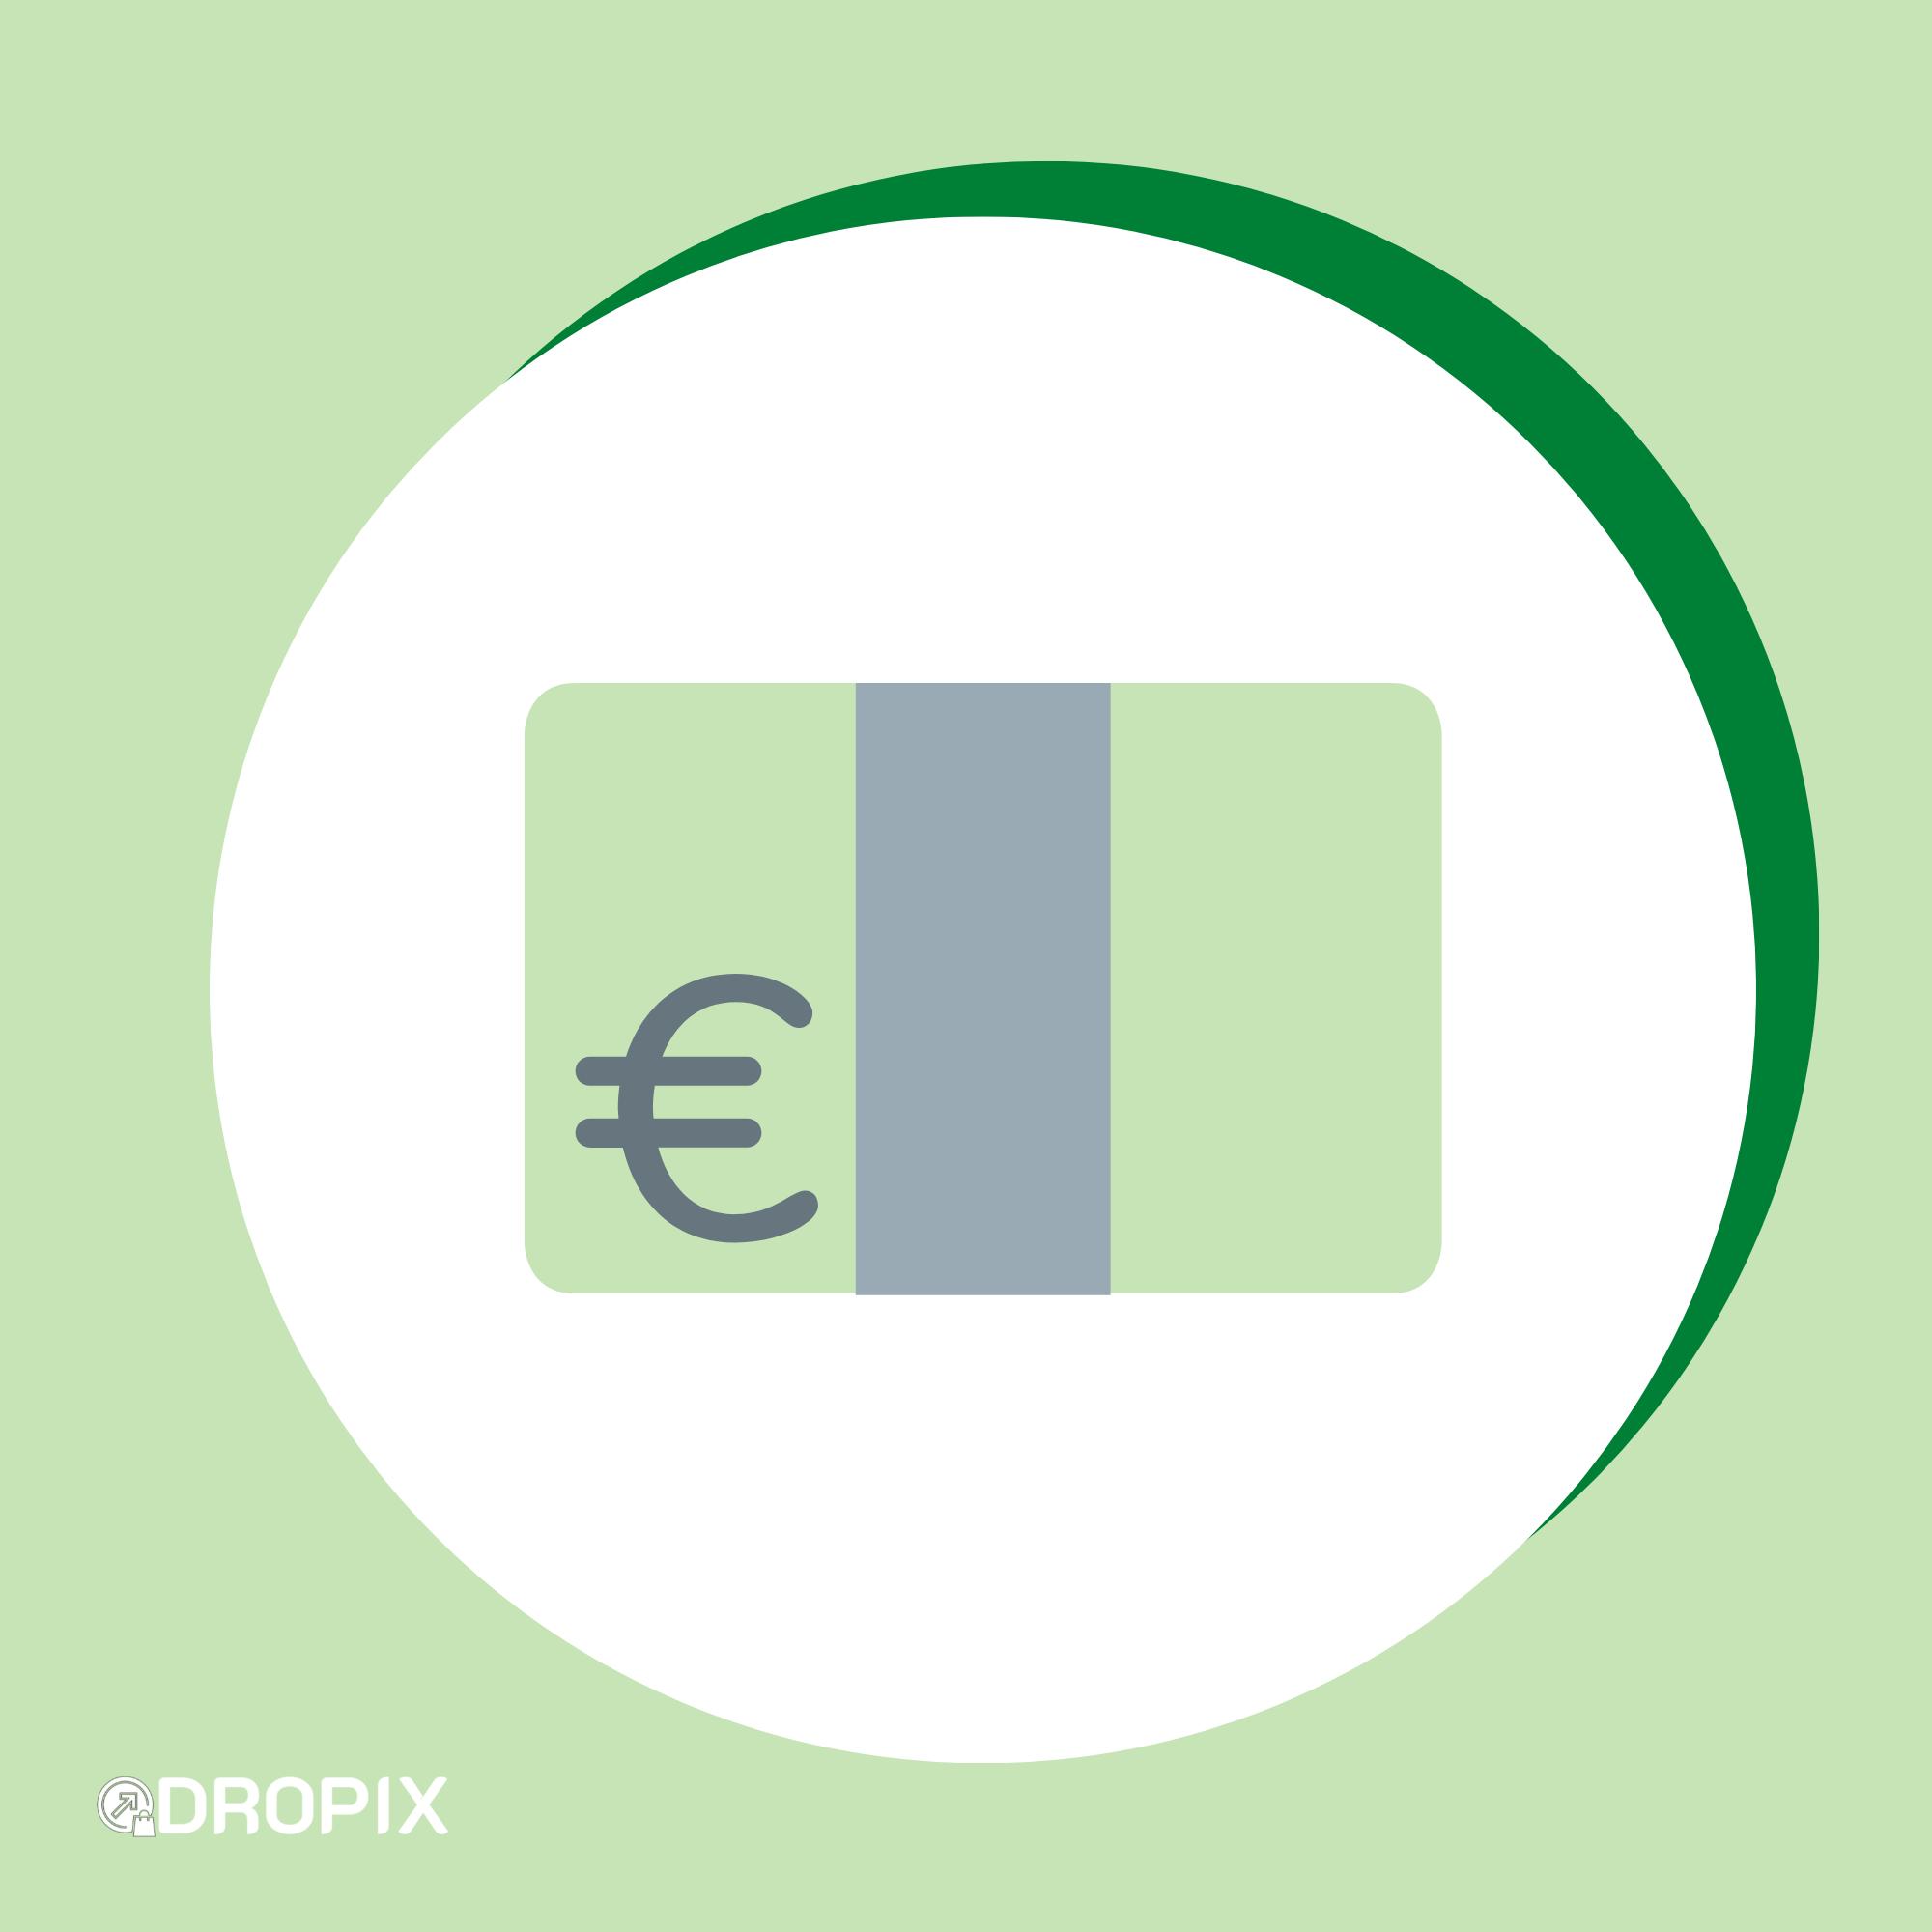 Générez des revenus grâce à l'affiliation Dropix